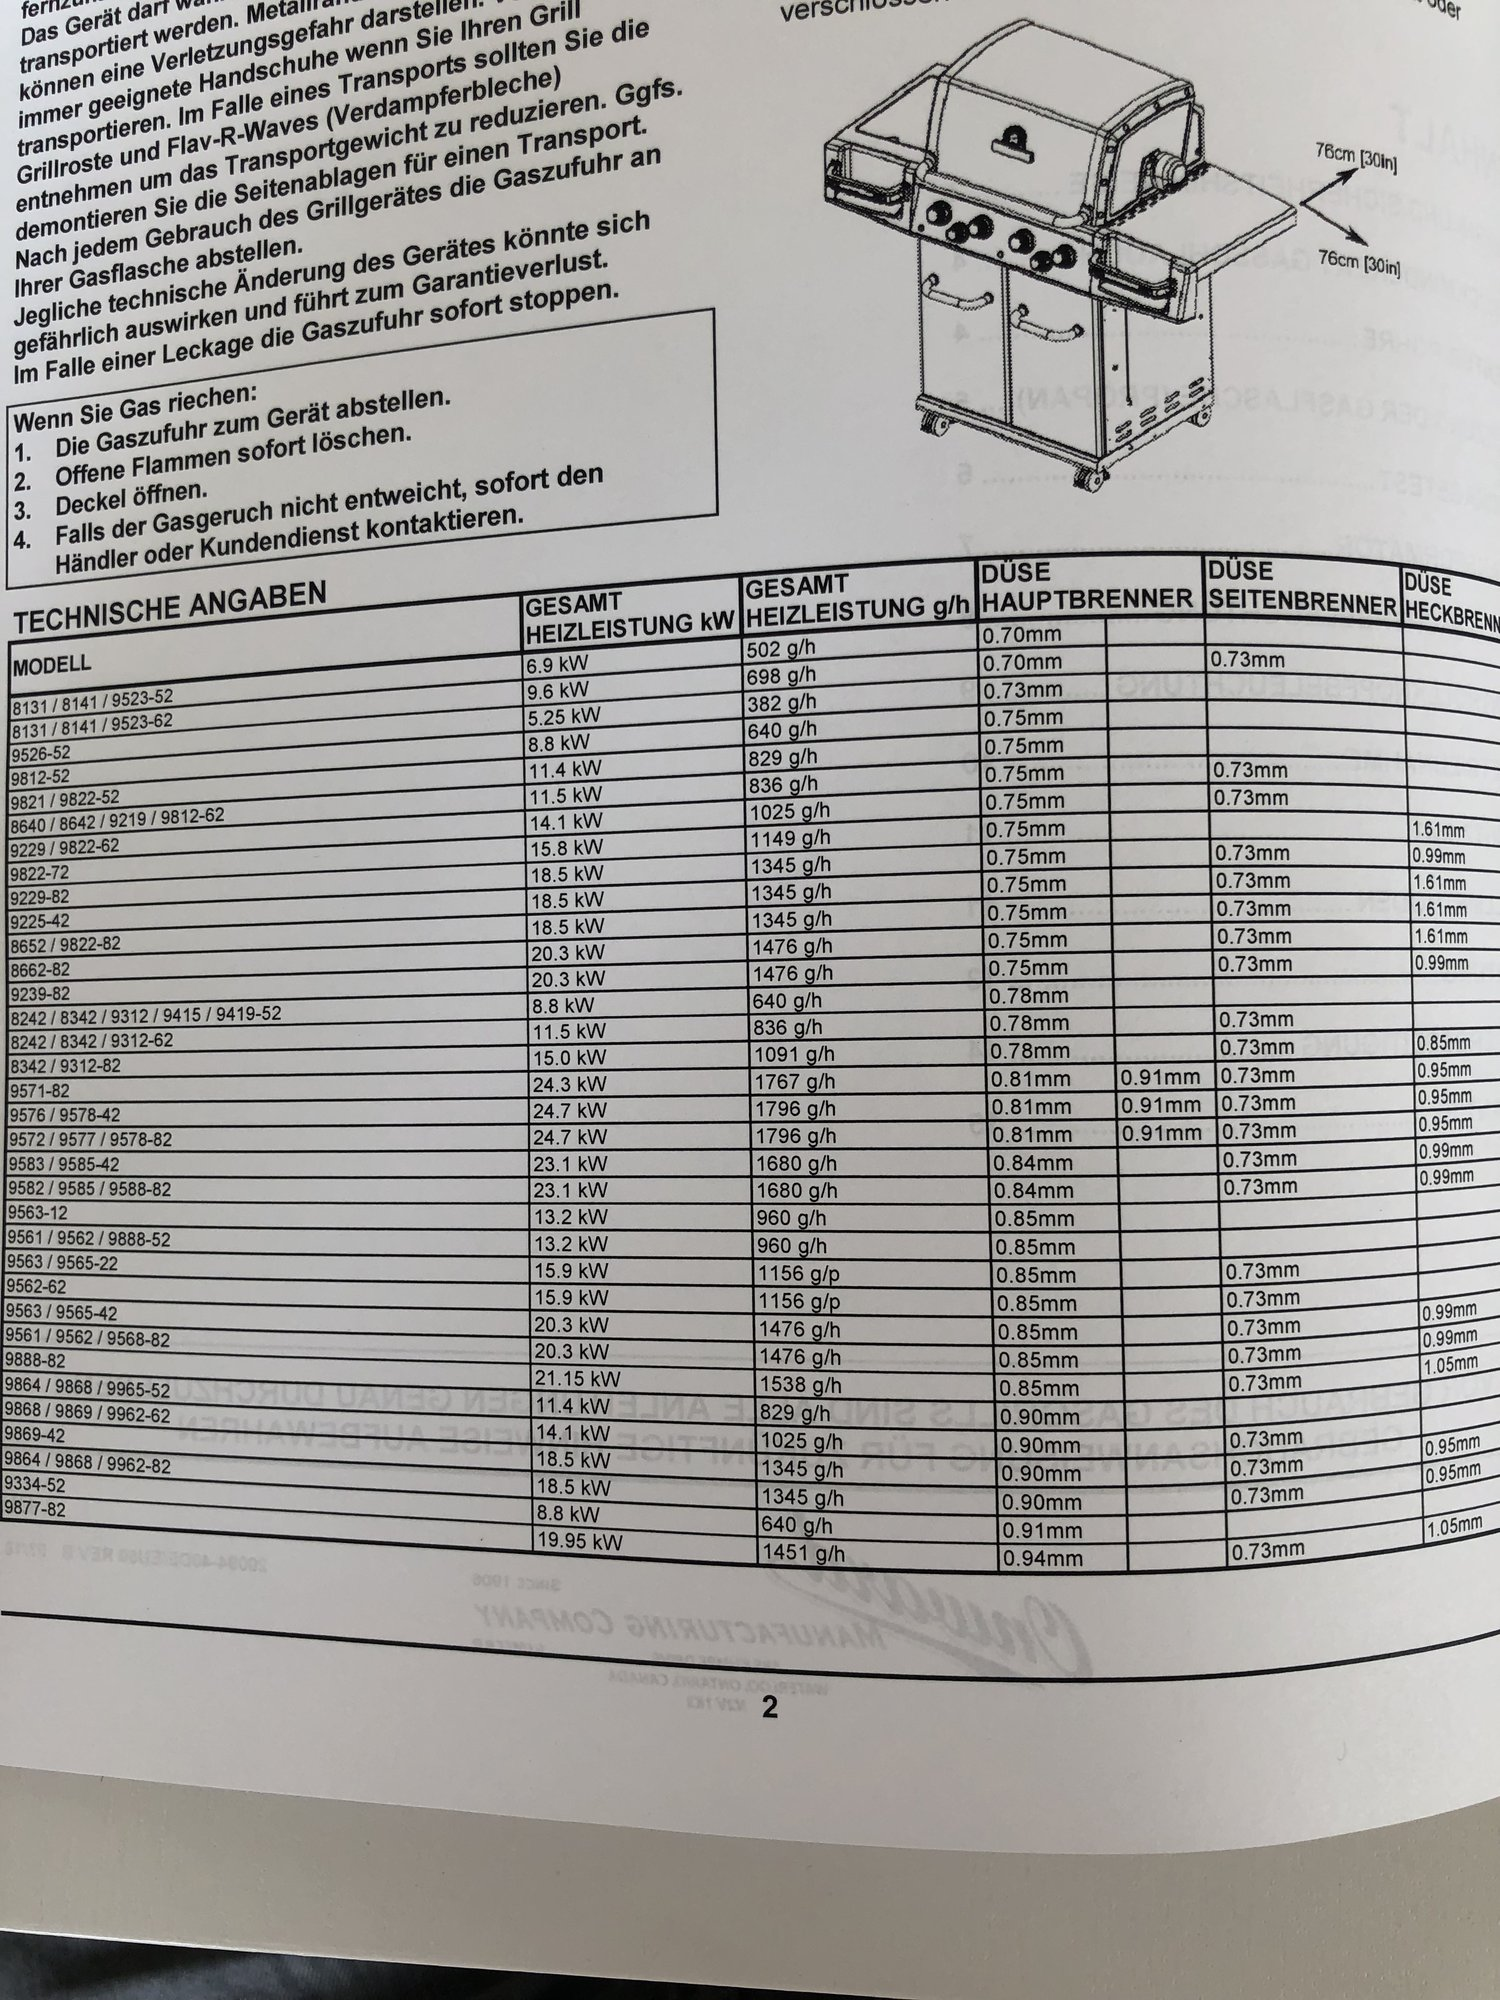 F17CD599-EB6E-445E-9B20-FBEC787A2D20.jpeg